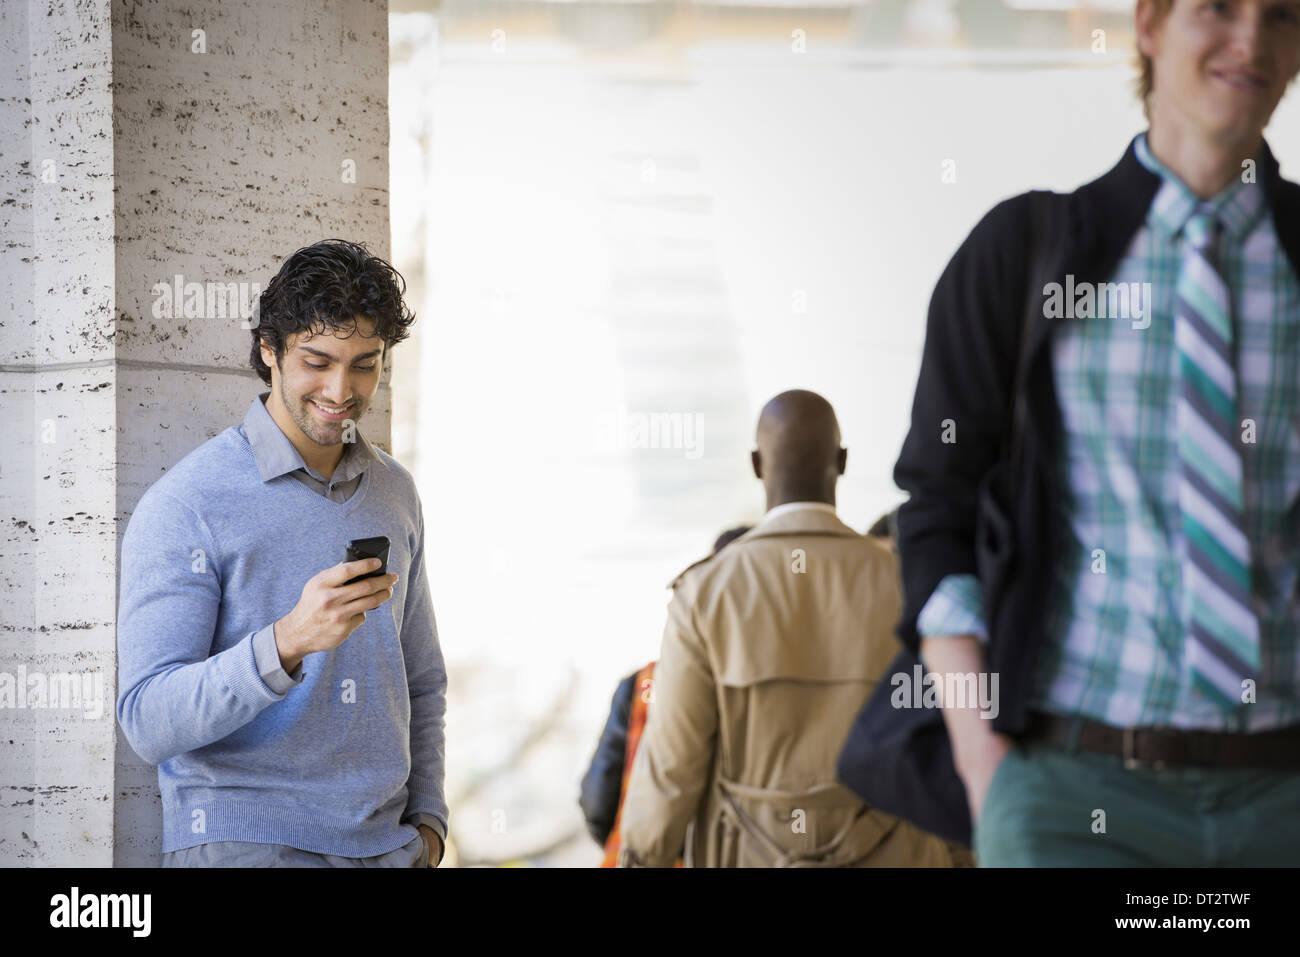 Drei Menschen auf dem Bürgersteig ein Mann mit seinem Handy ein Mann im Regenmantel und ein junger Mann auf der Straße Stockbild